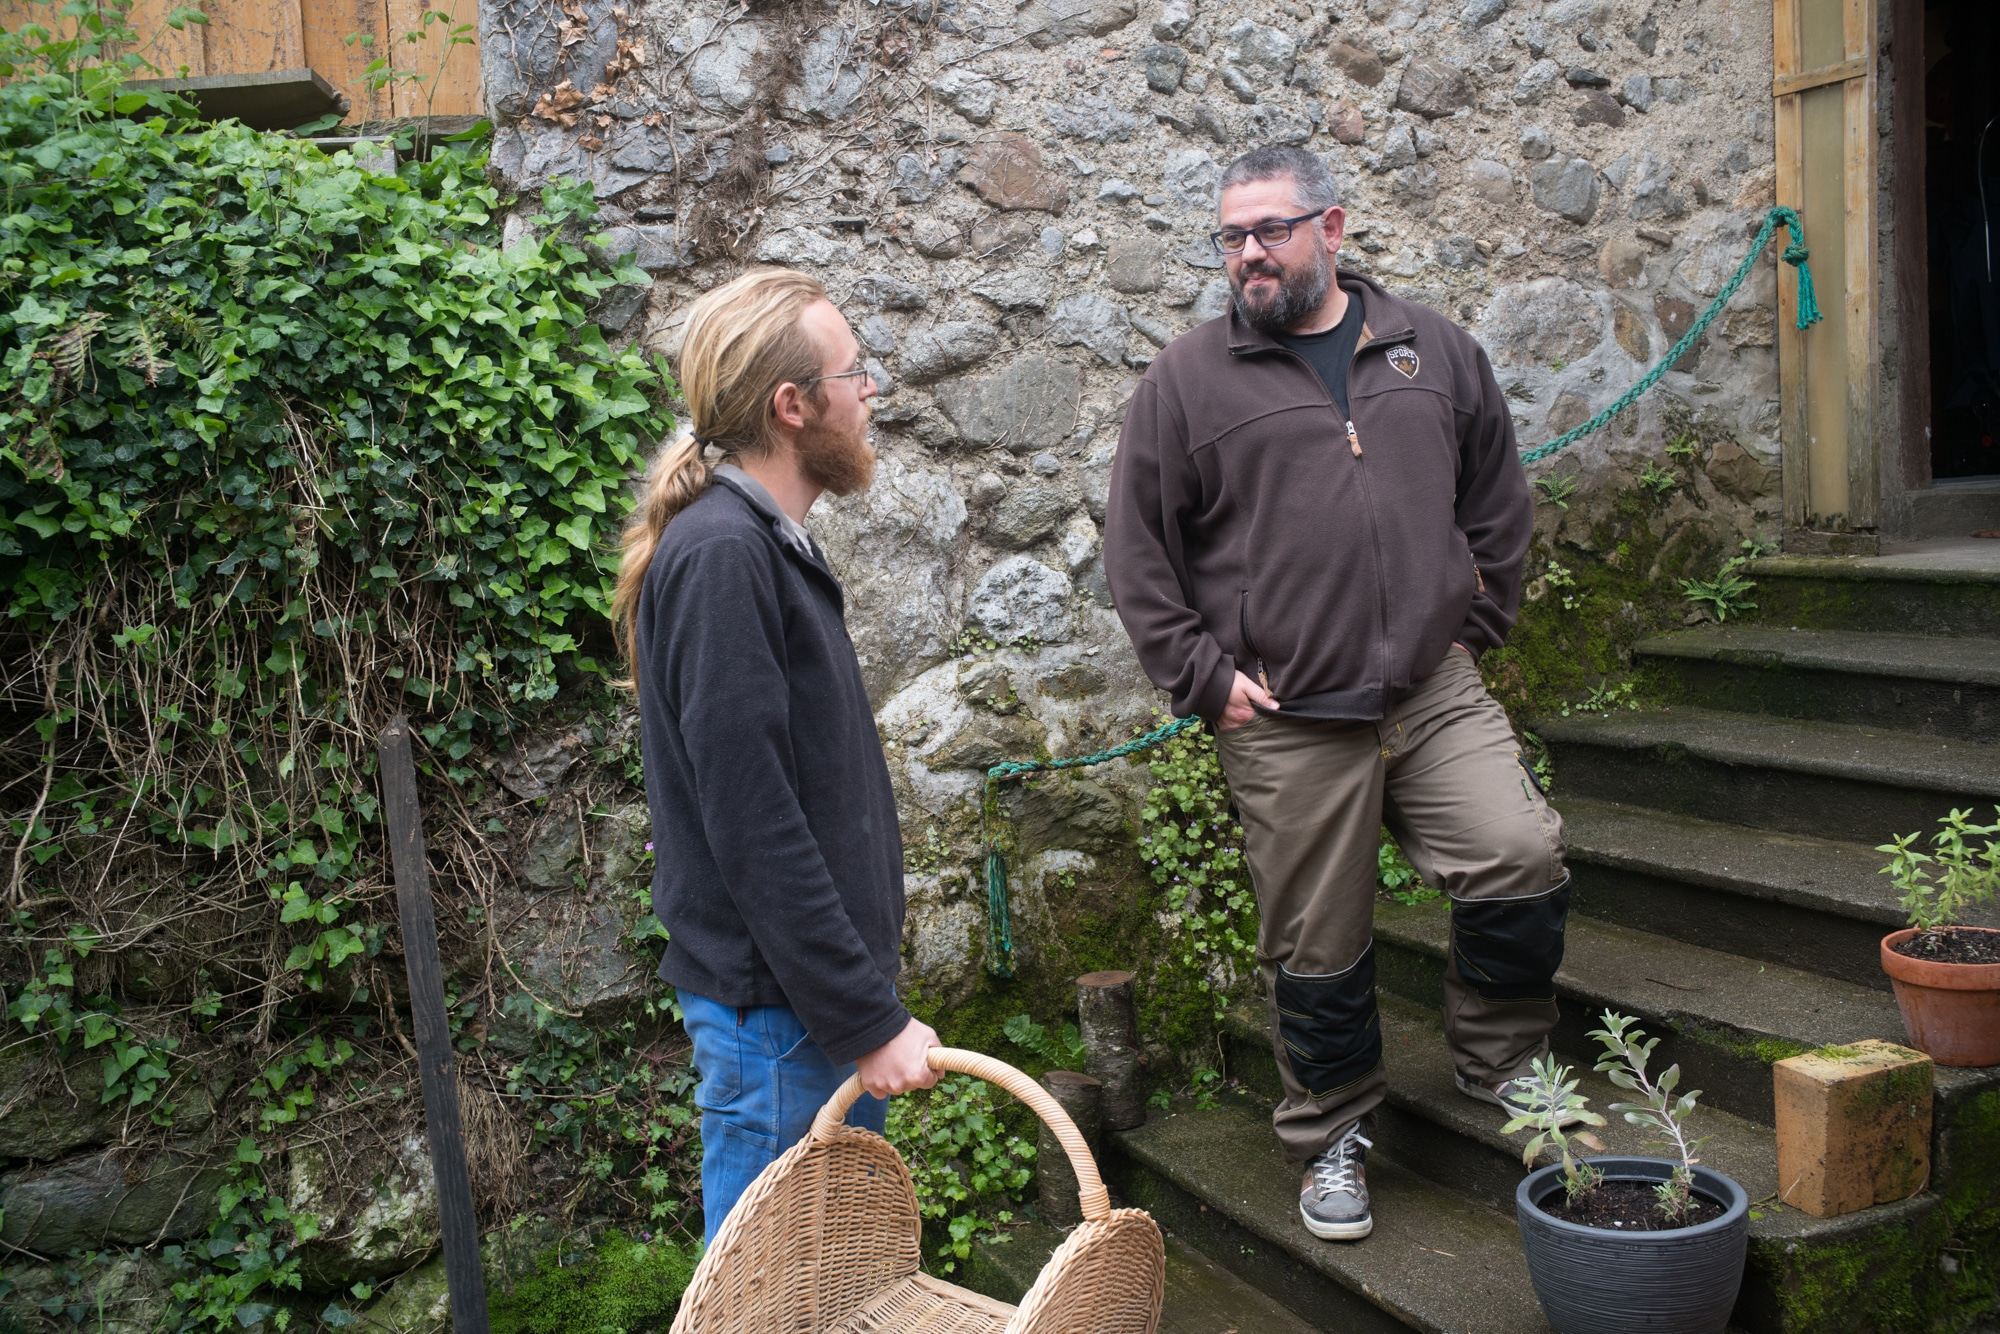 Postés sur des marches en extérieur, Laurent et un homme tenant un panier en osier discutent